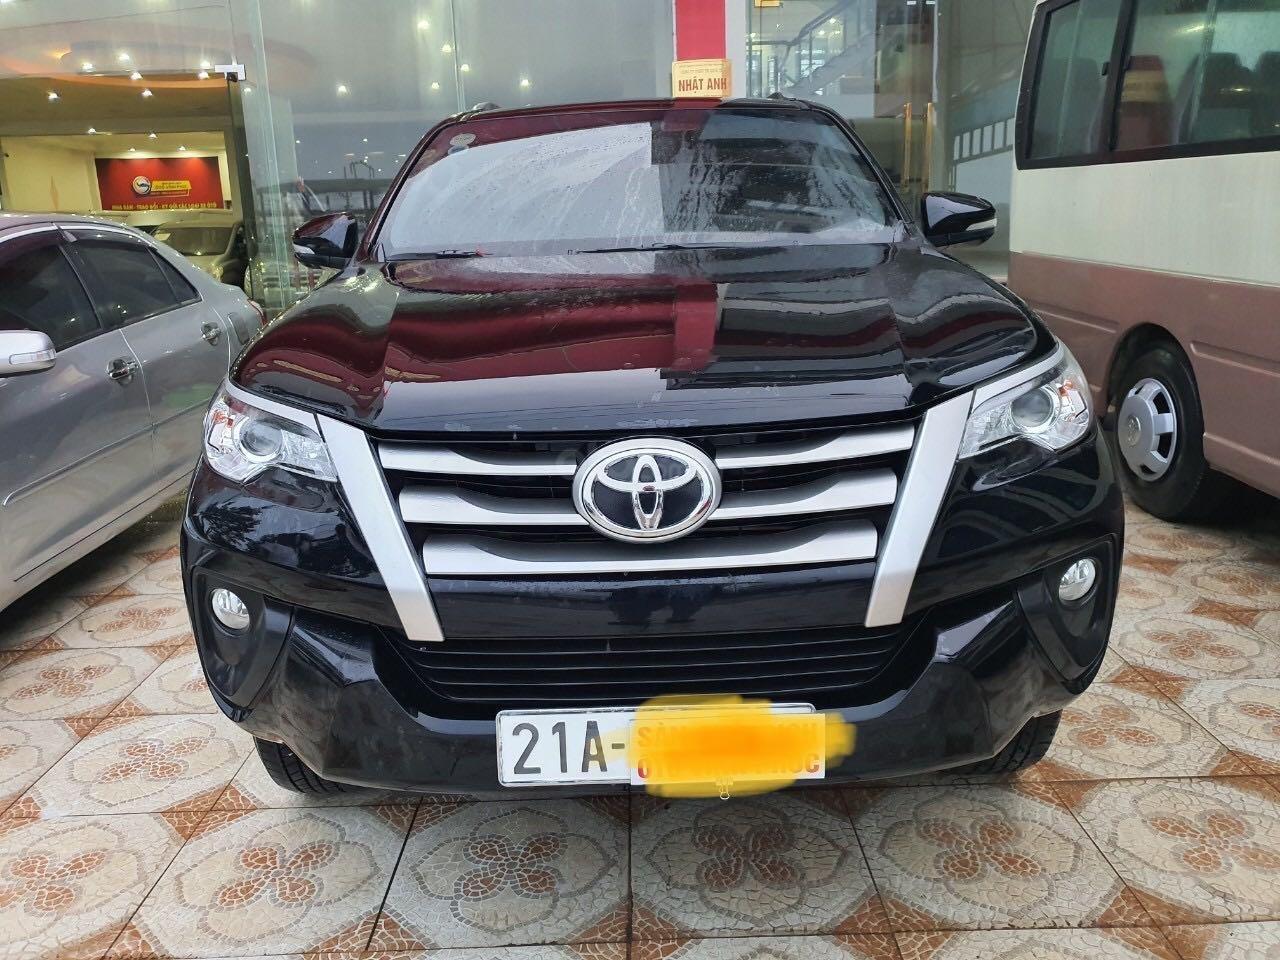 Cần bán gấp Toyota Fortuner 2.5 năm sản xuất 2017, màu đen, xe nhập số sàn, 860tr (1)